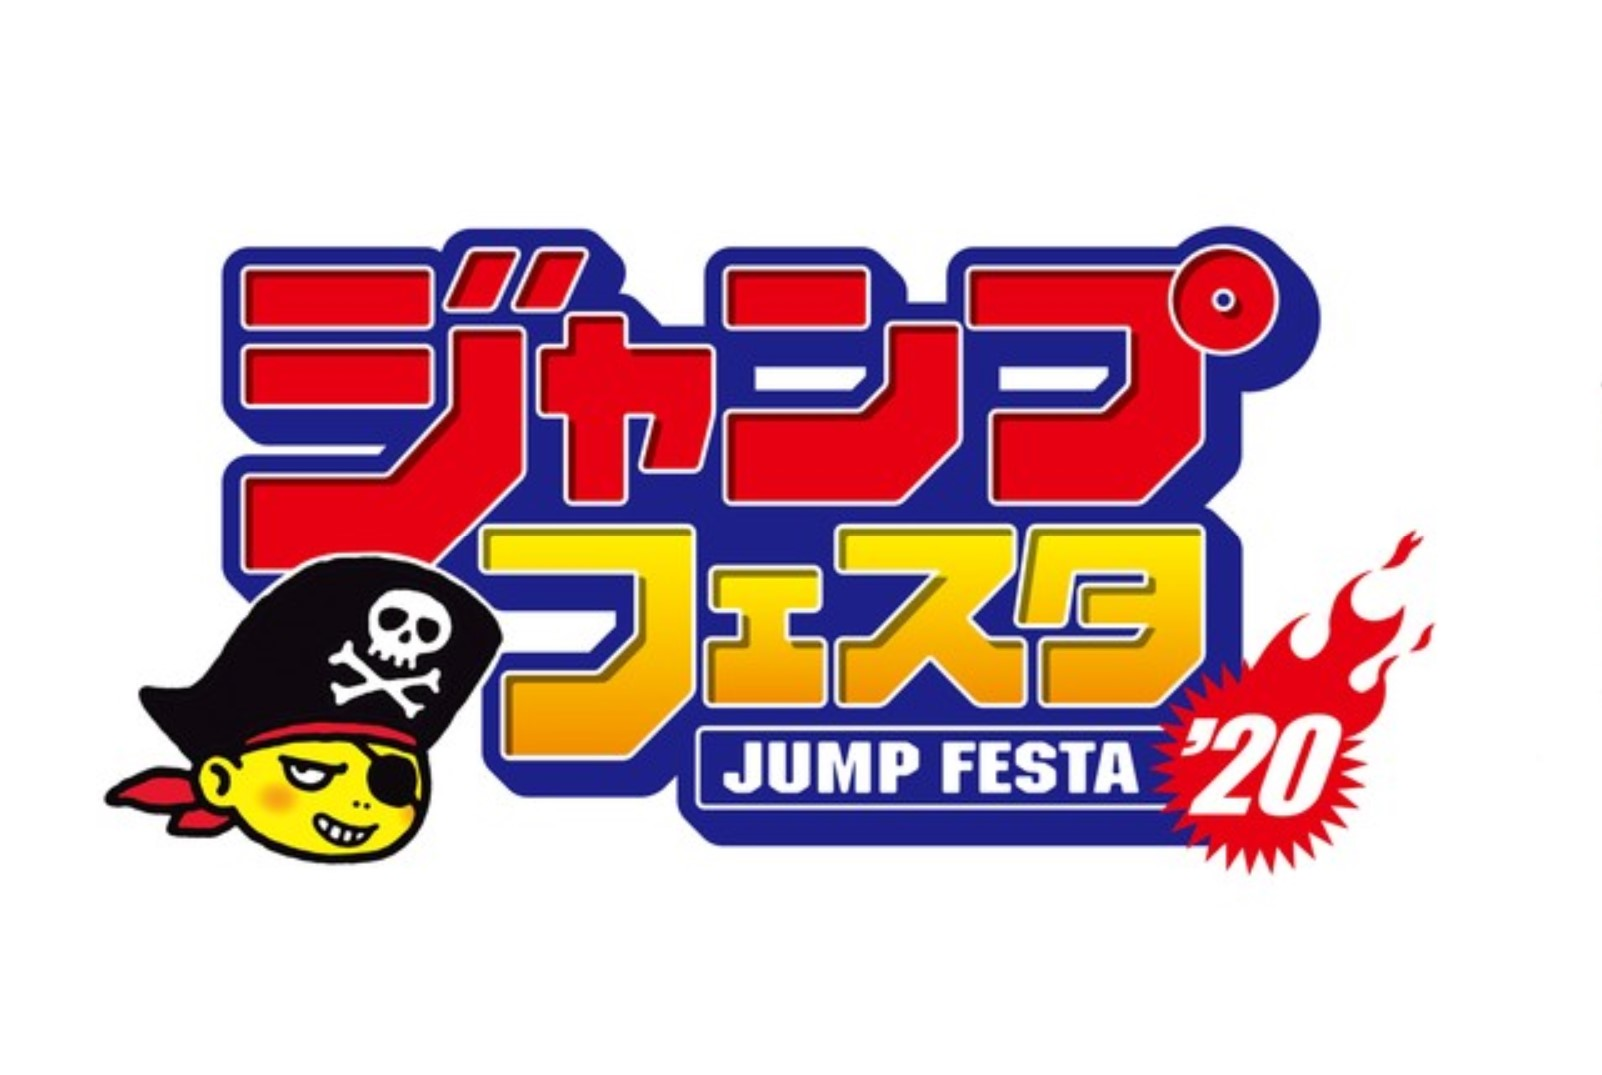 ジャンプフェスタ2020のグッズ列混雑状況と待ち時間!何時から並ぶ?売り切れまとめ